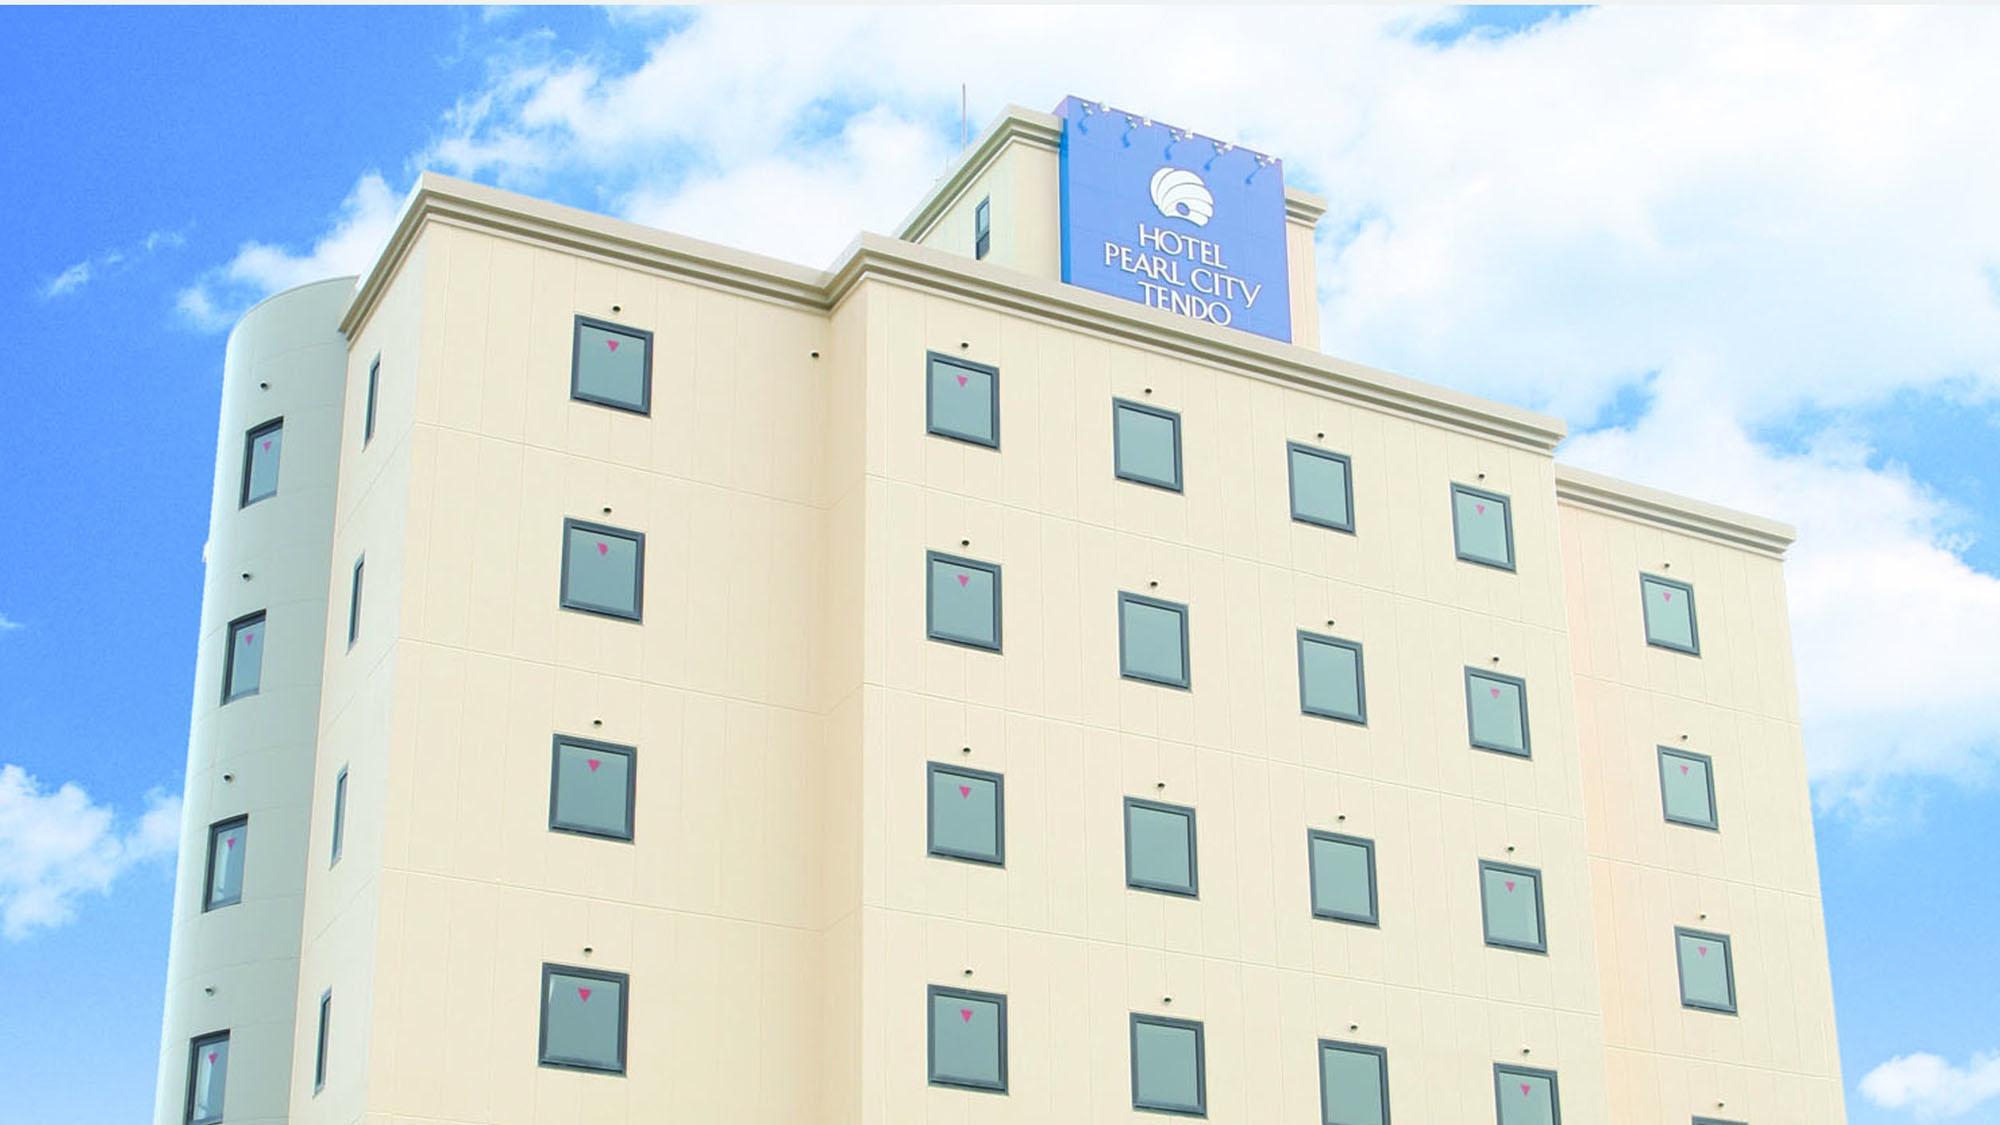 ホテル パールシティ 天童◆楽天トラベル